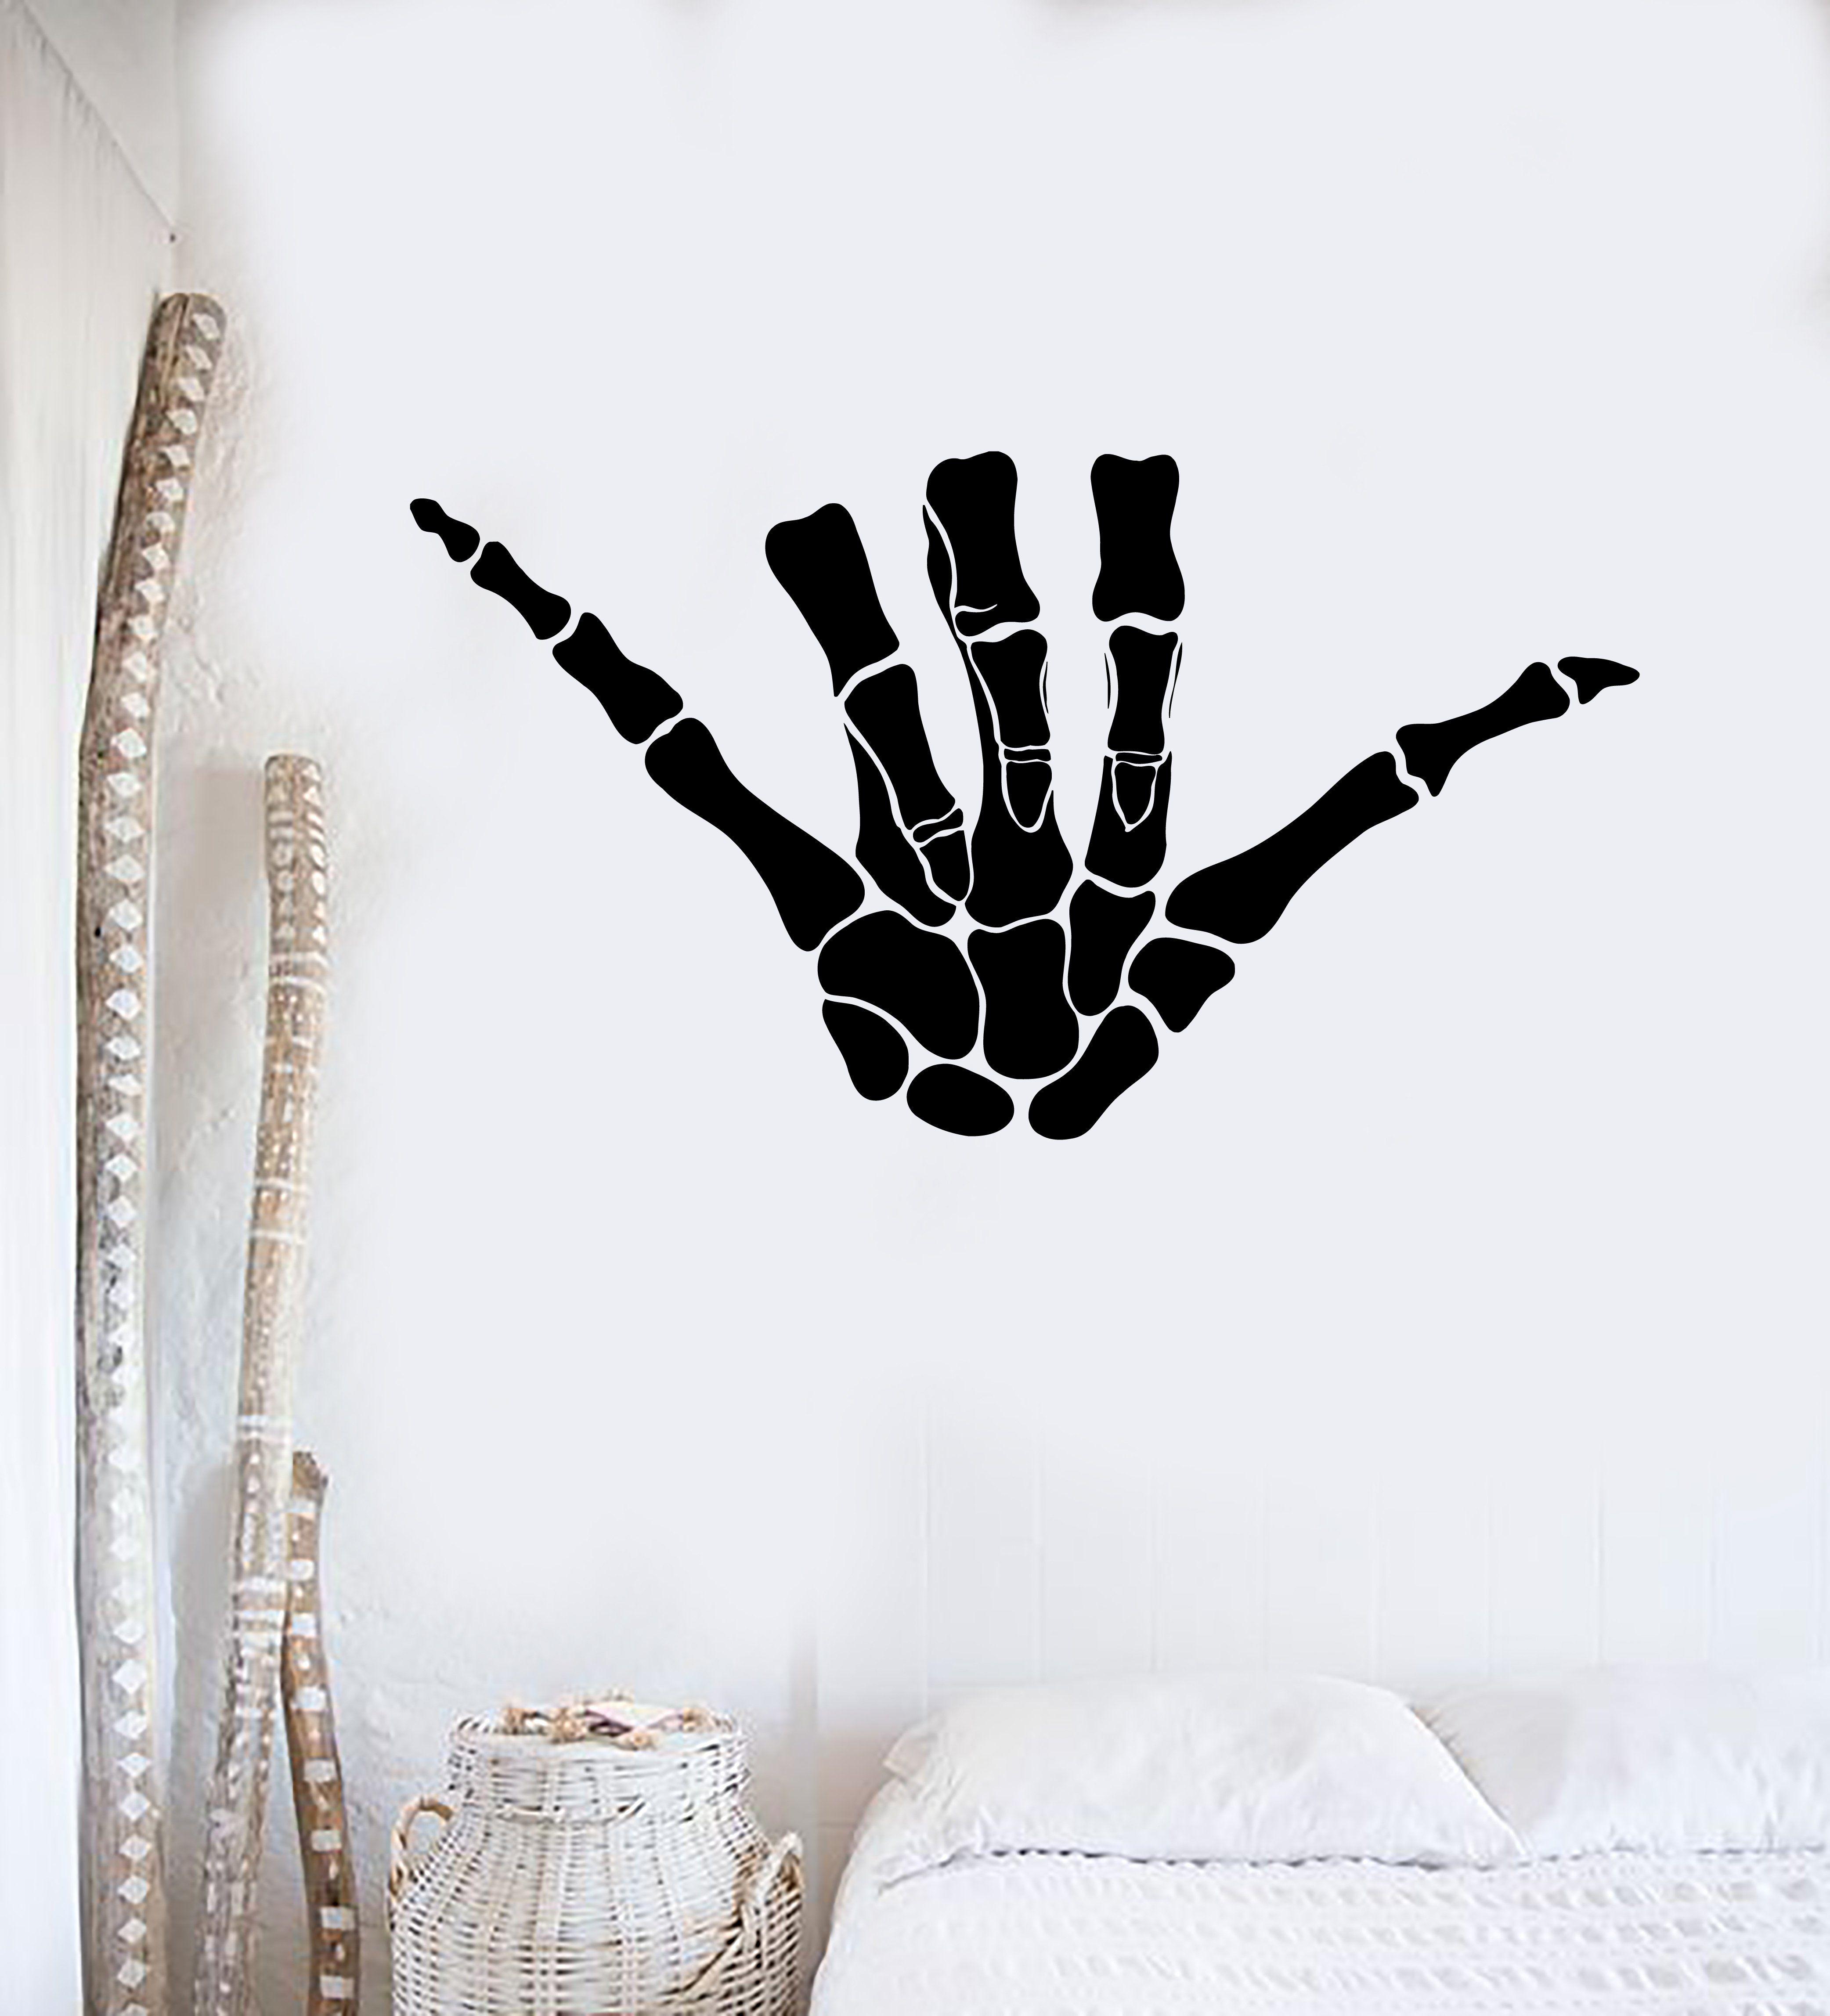 Hang ten loose Hawaii surfer hand gesture Vinyl Decal permanent indoor outdoor